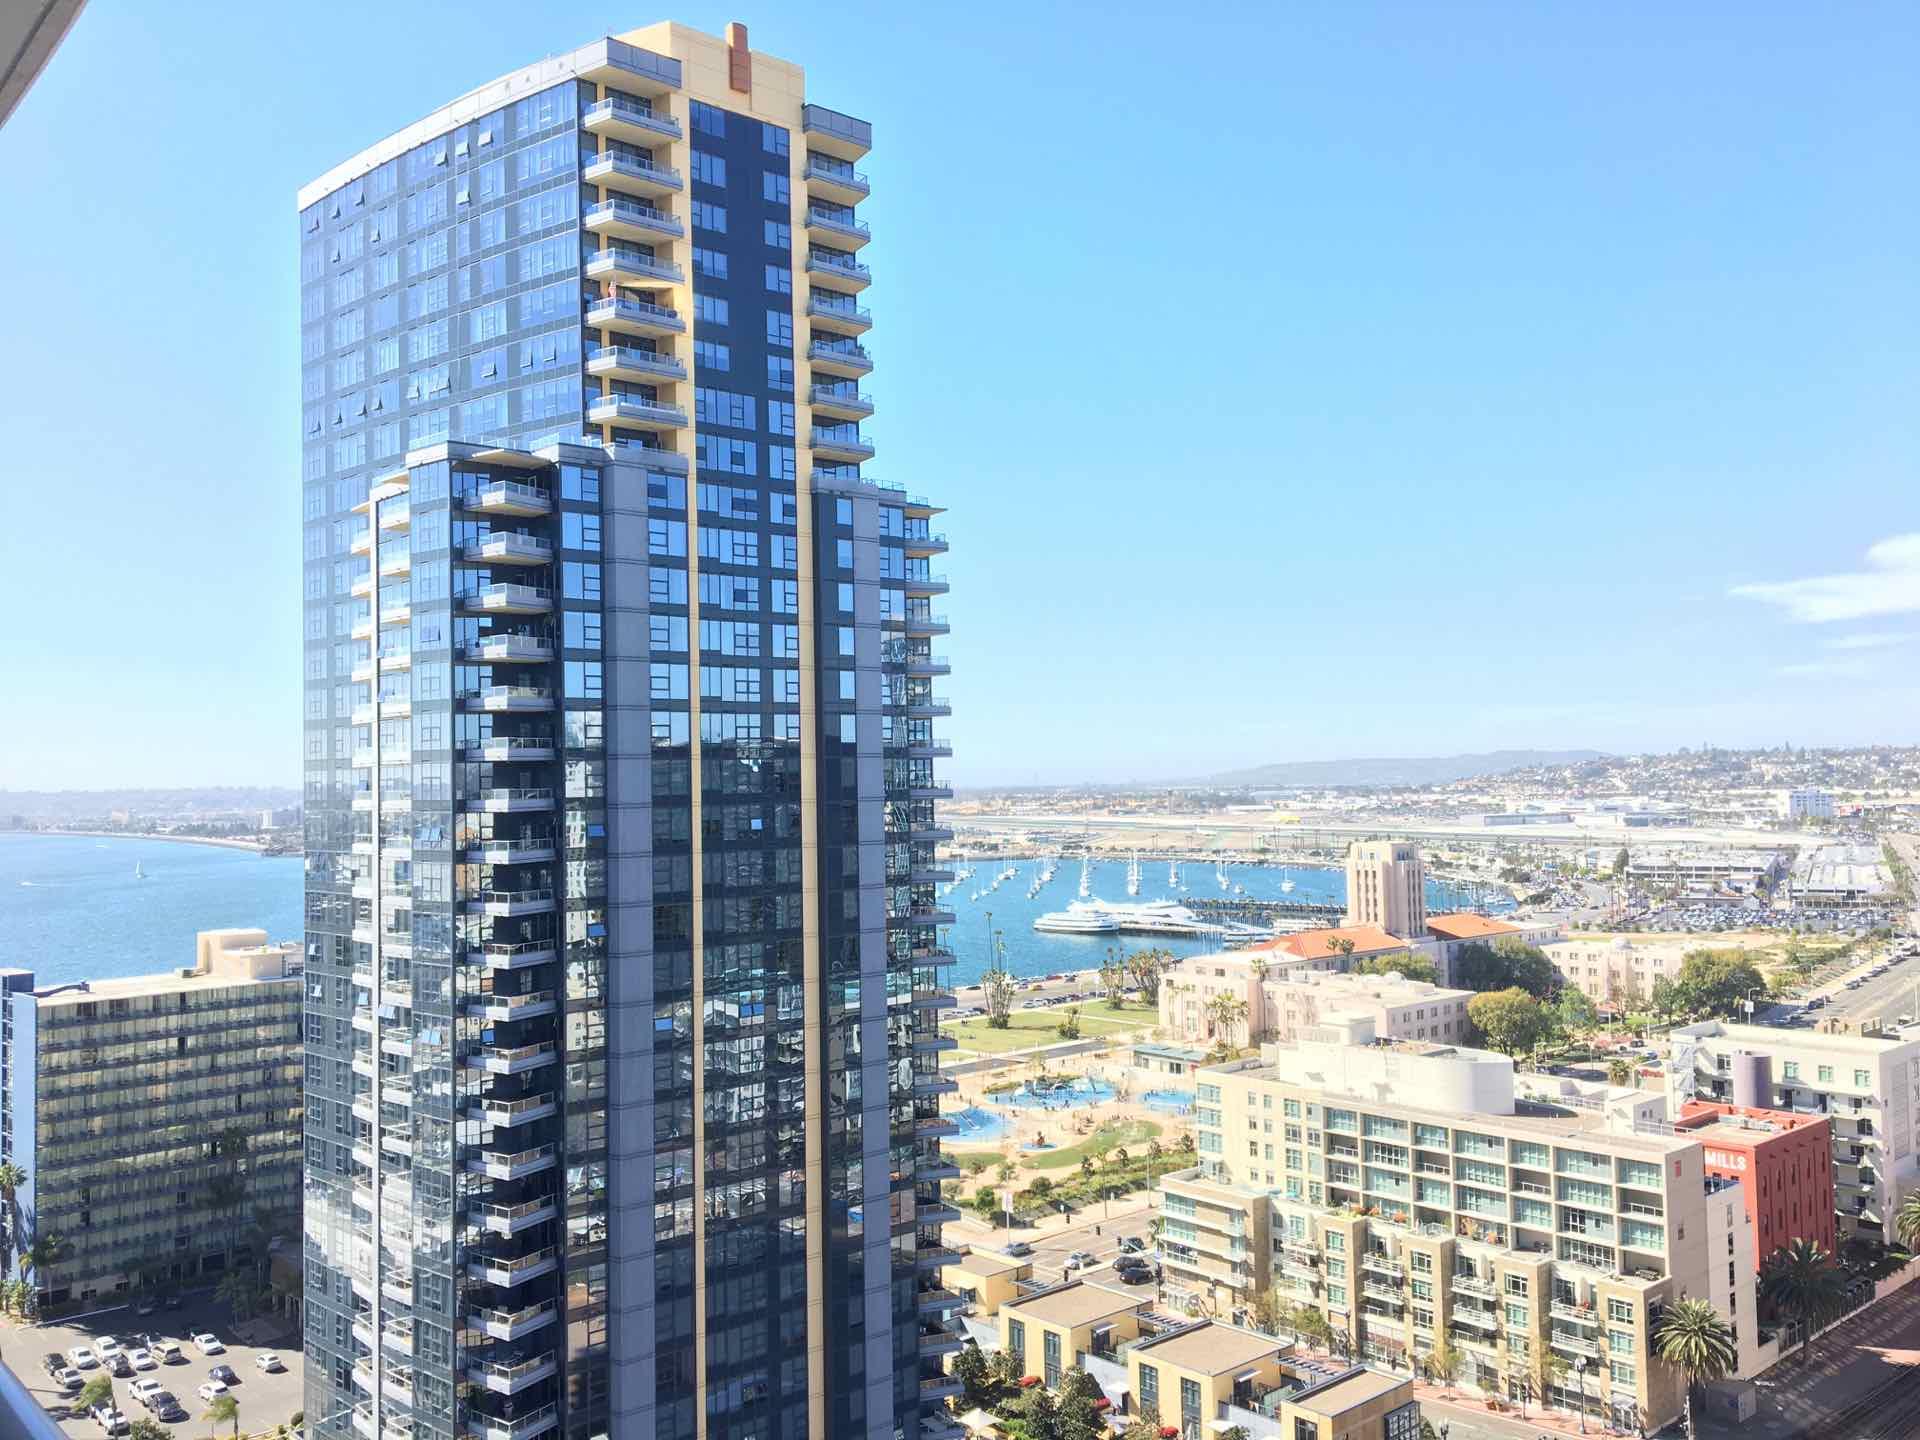 Views condos at Bayside